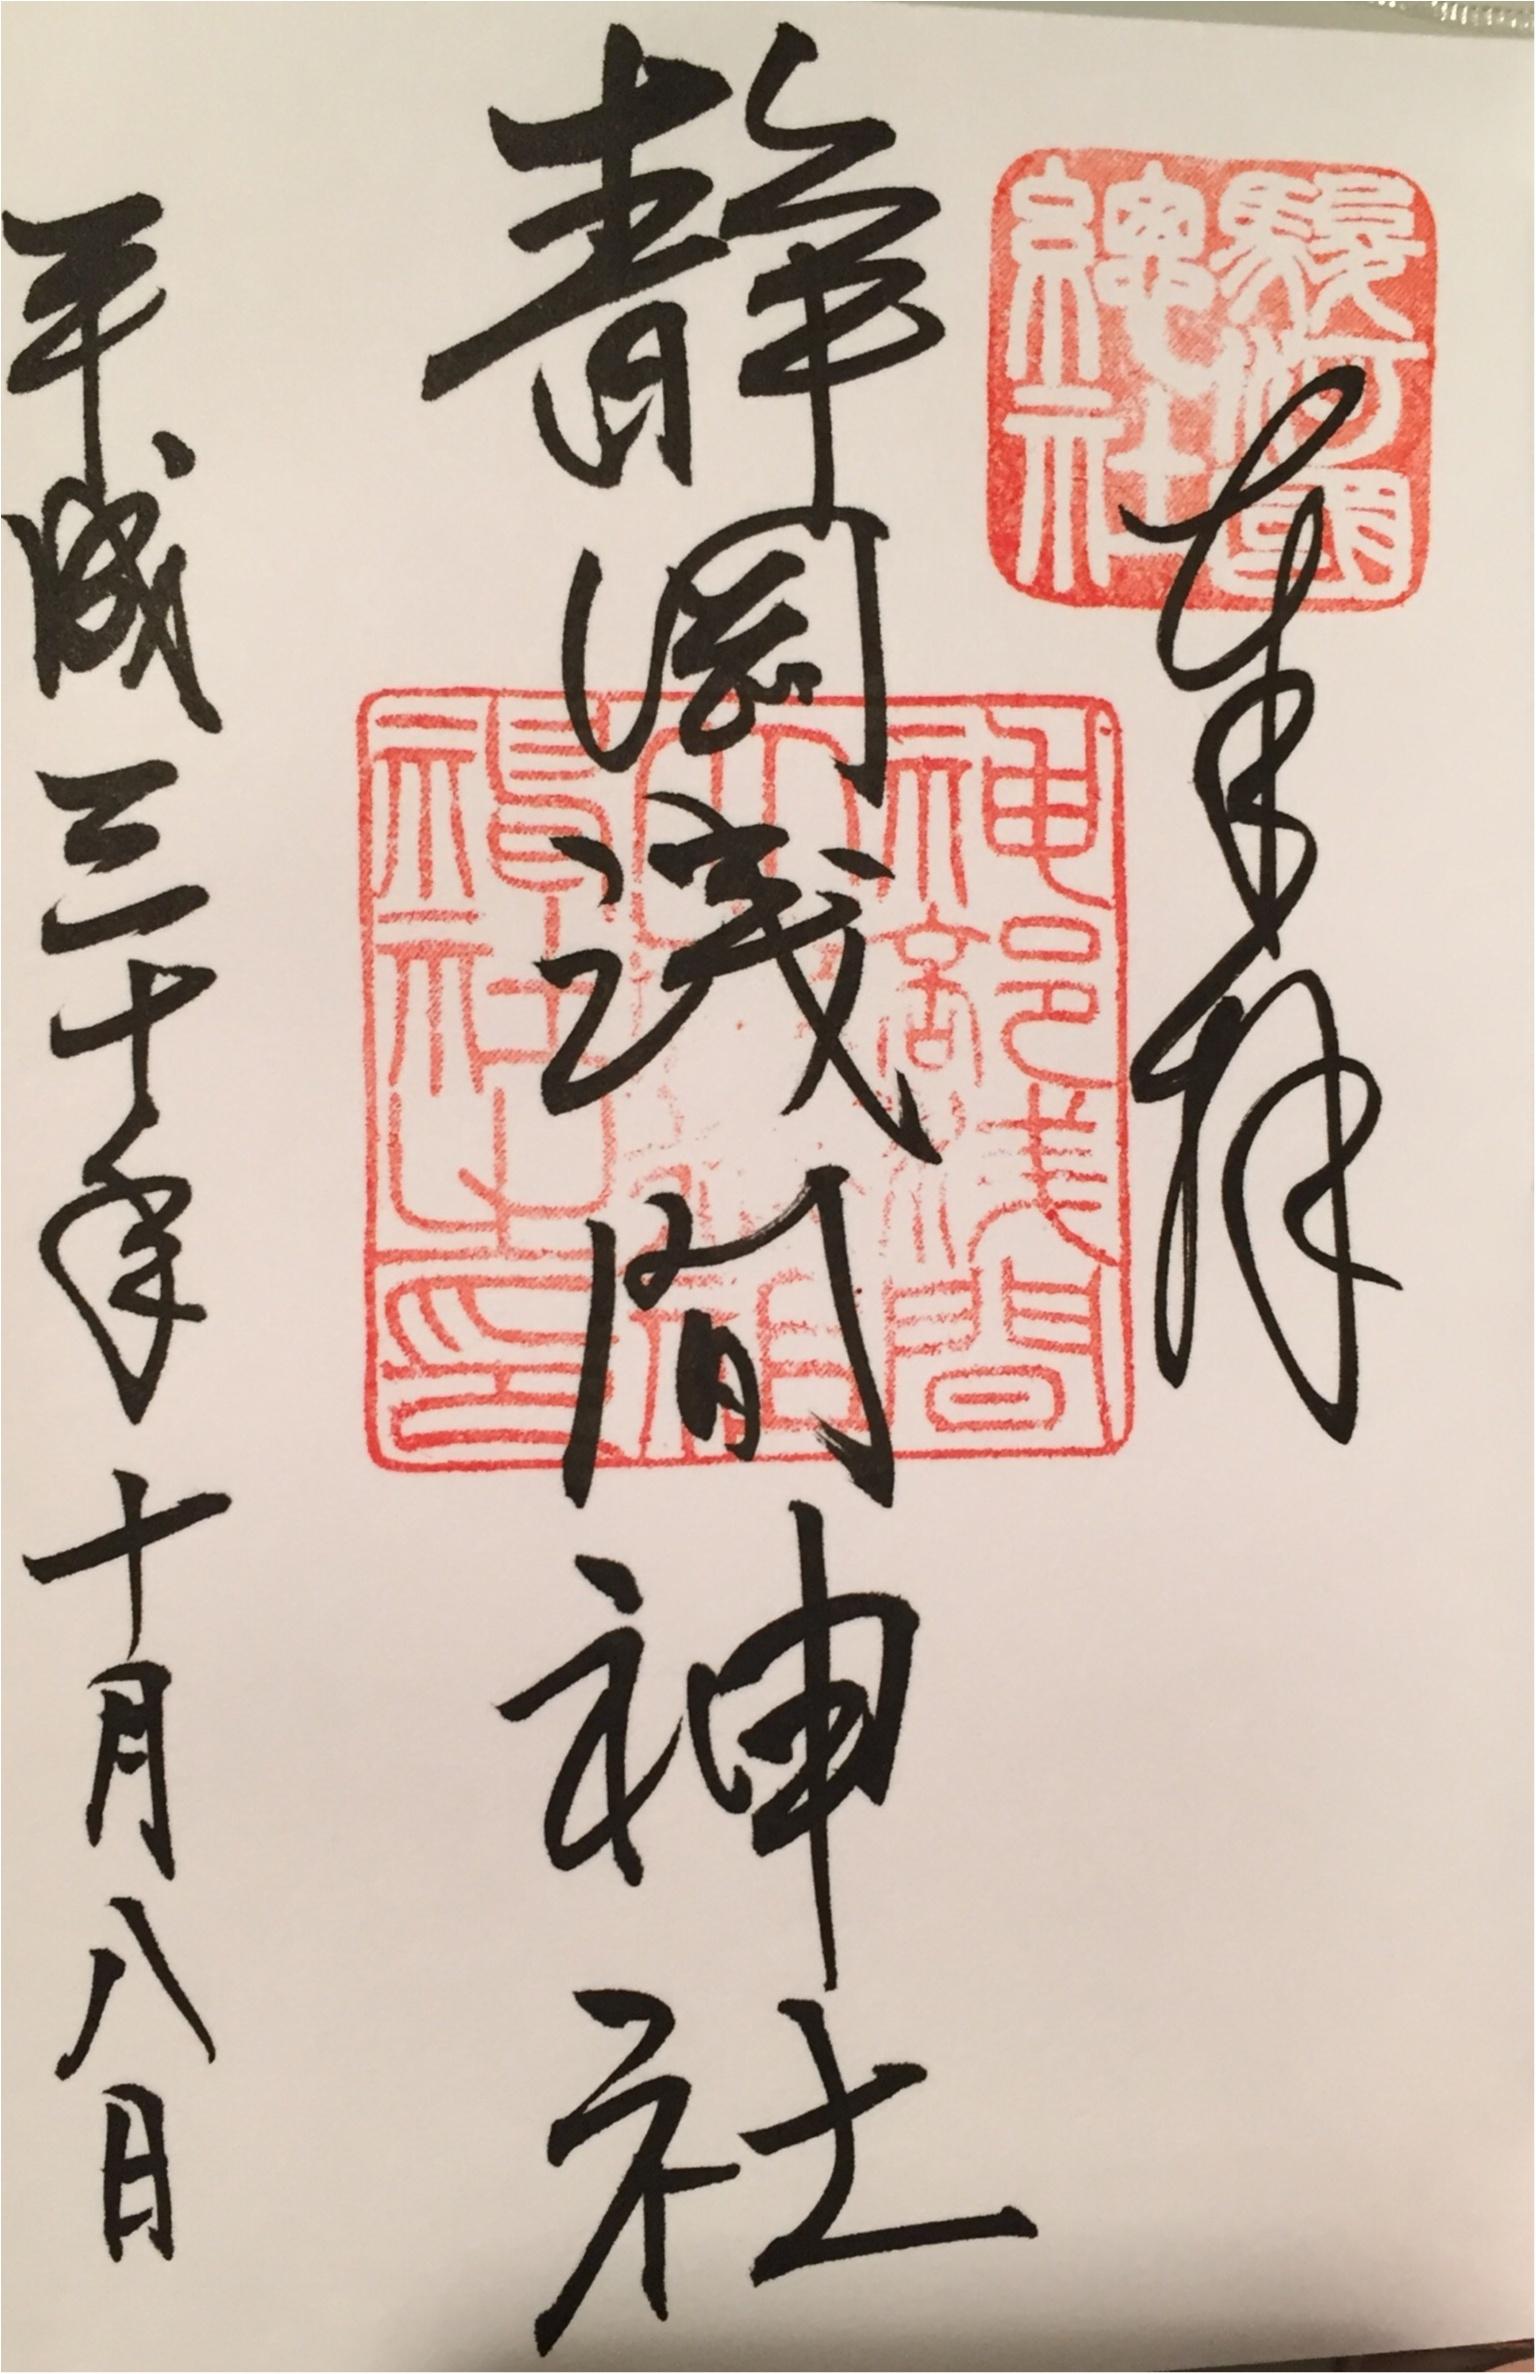 お気に入り静岡の観光地・みてみて御朱印フレンズ〜_7